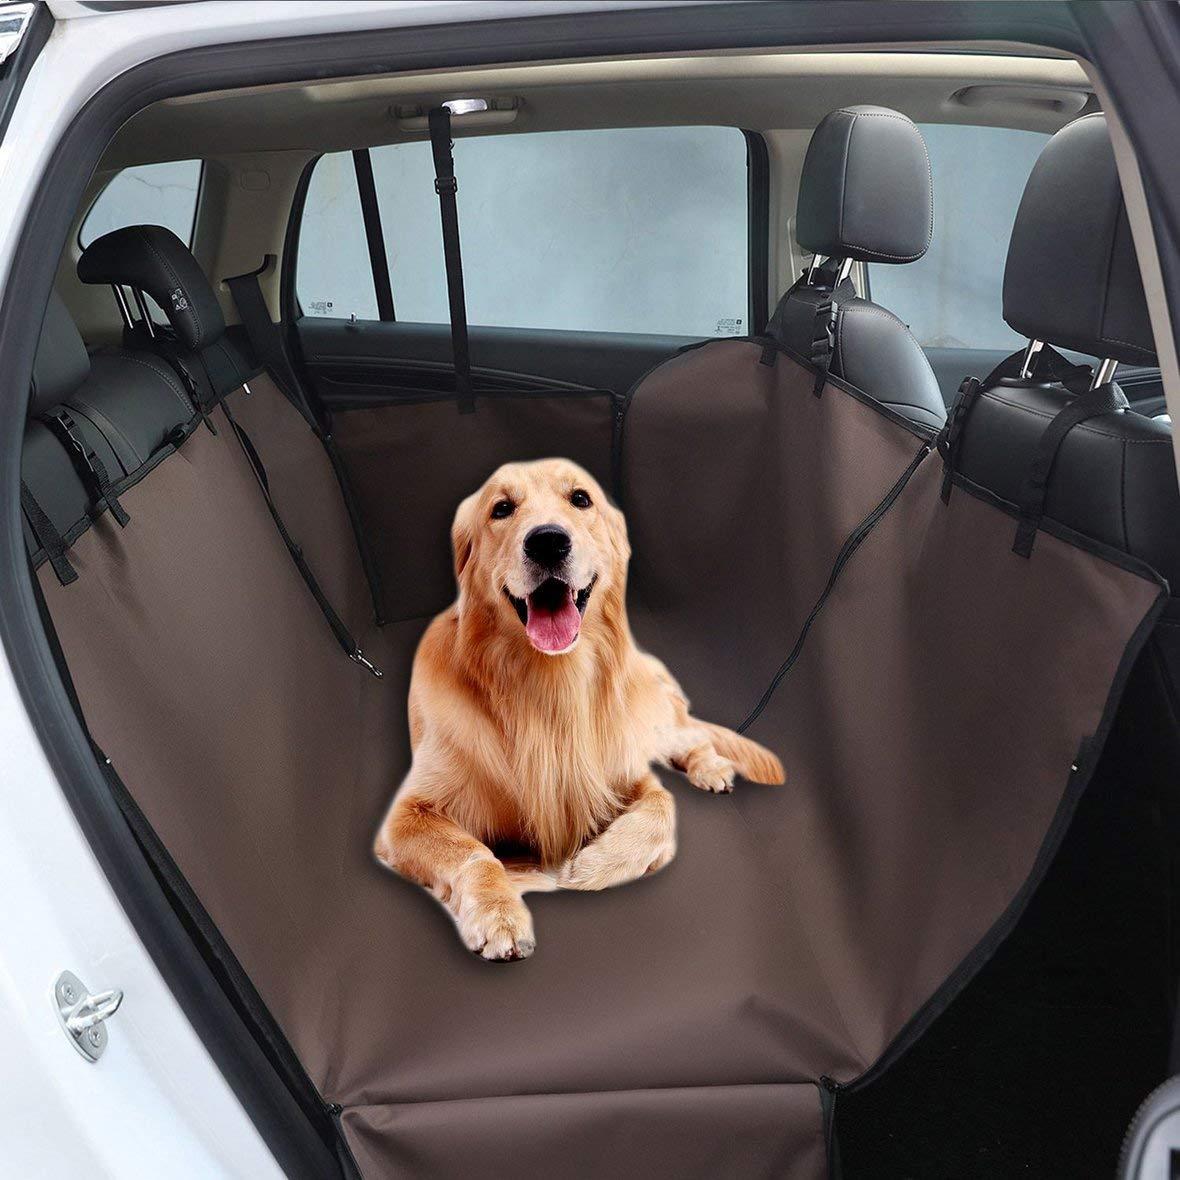 Heaviesk Doppelschichten Oxford Stoff Wasserdichte Haustier Auto Sitzbezug Hund H/ängematte Protector R/ückenmatte Pet Carriers Zubeh/ör